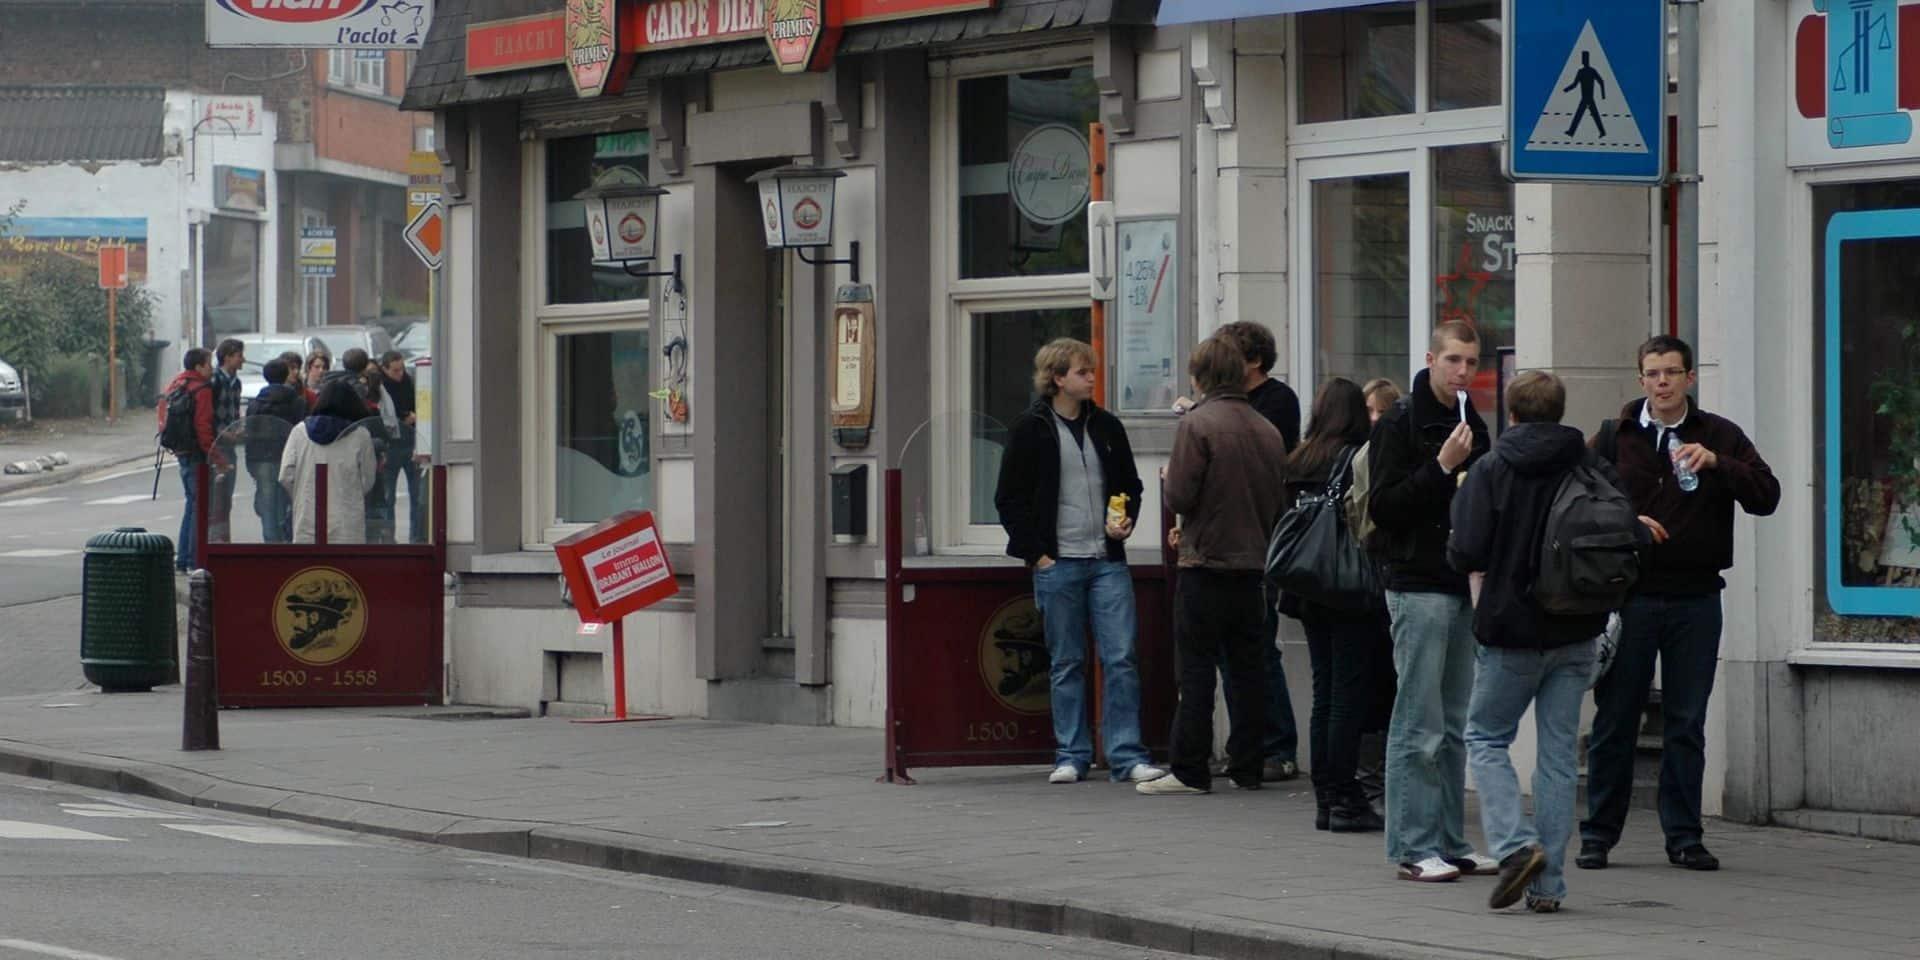 La police de Nivelles met les jeunes en garde contre les rassemblements